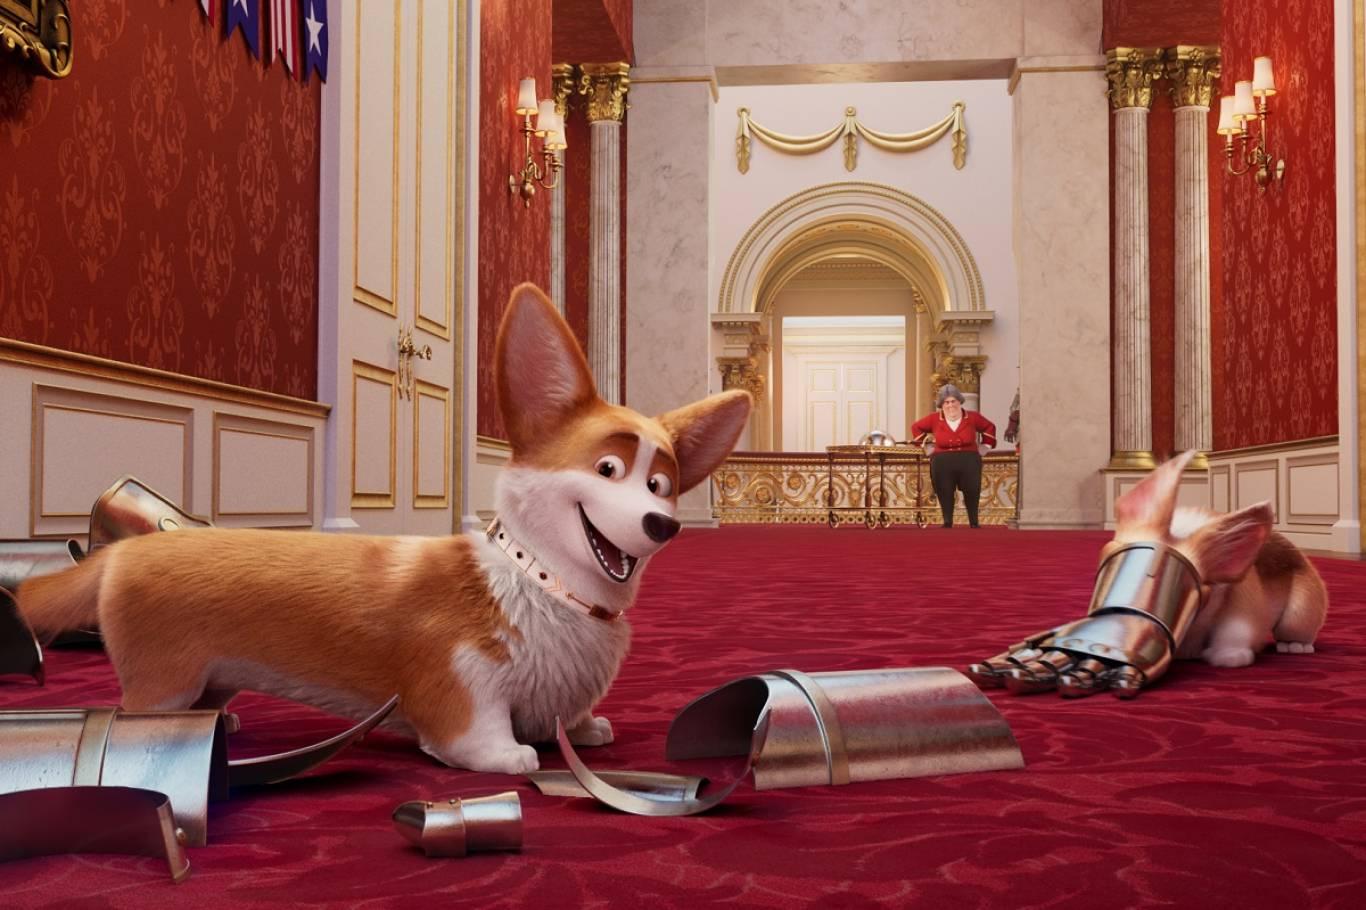 Мультфильм, семейный Королевский корги